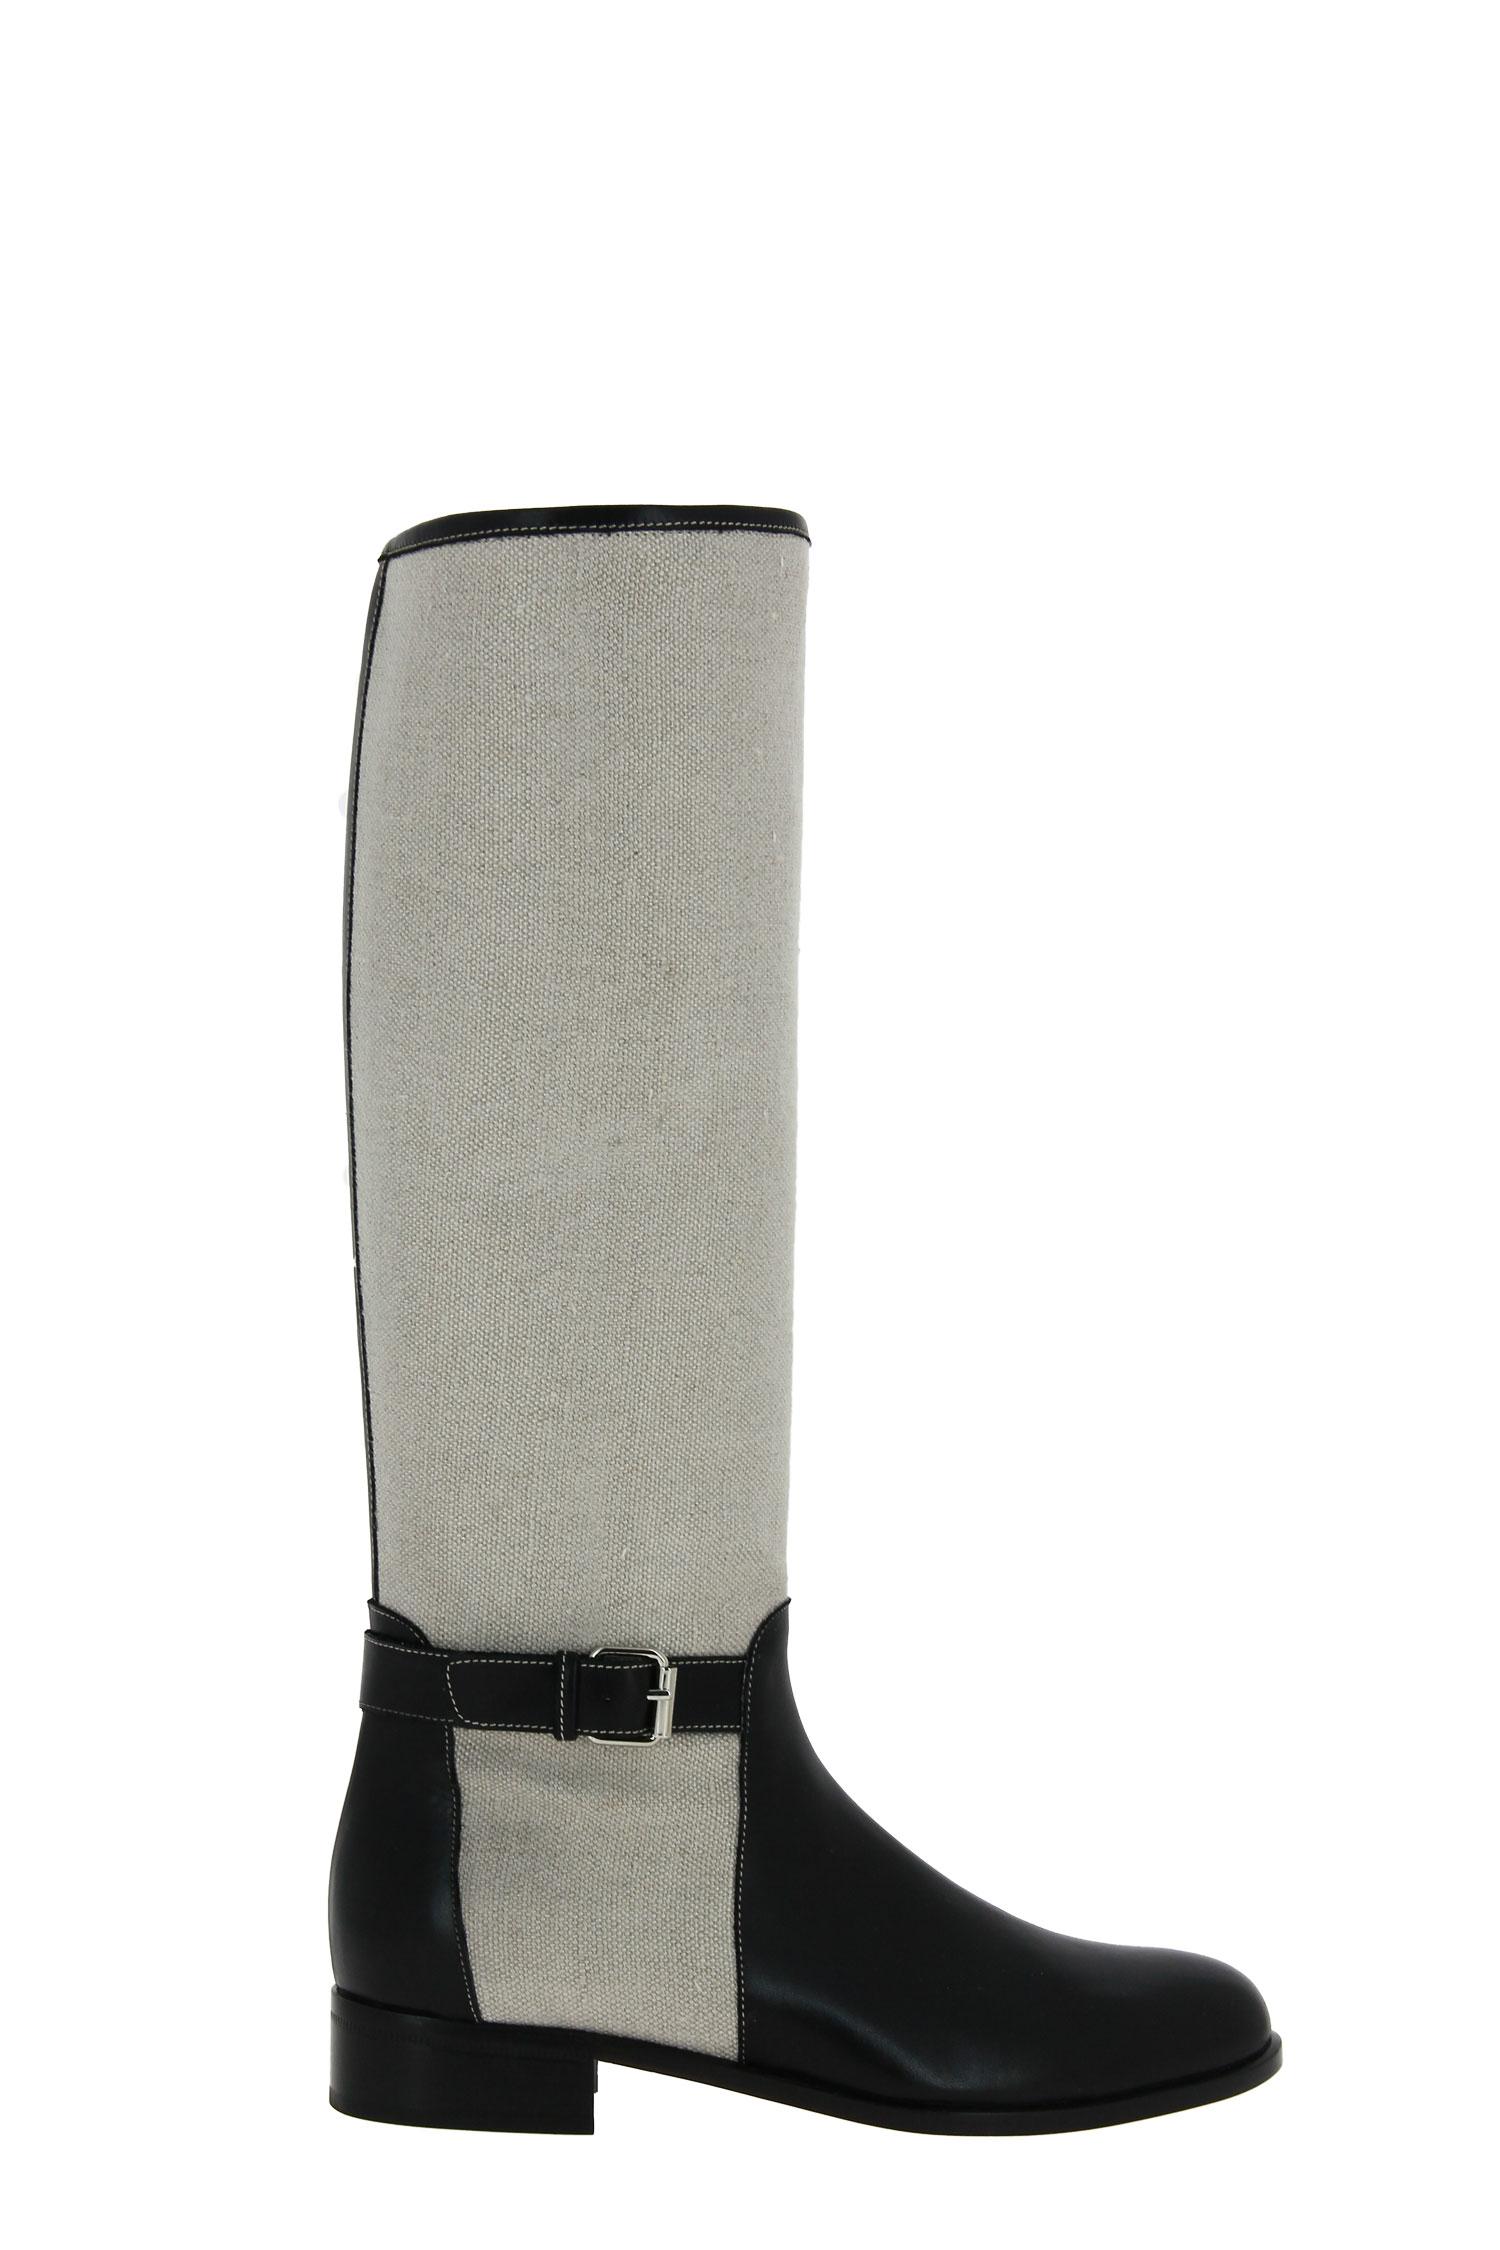 Maretto boots NERO LINO NATURALE